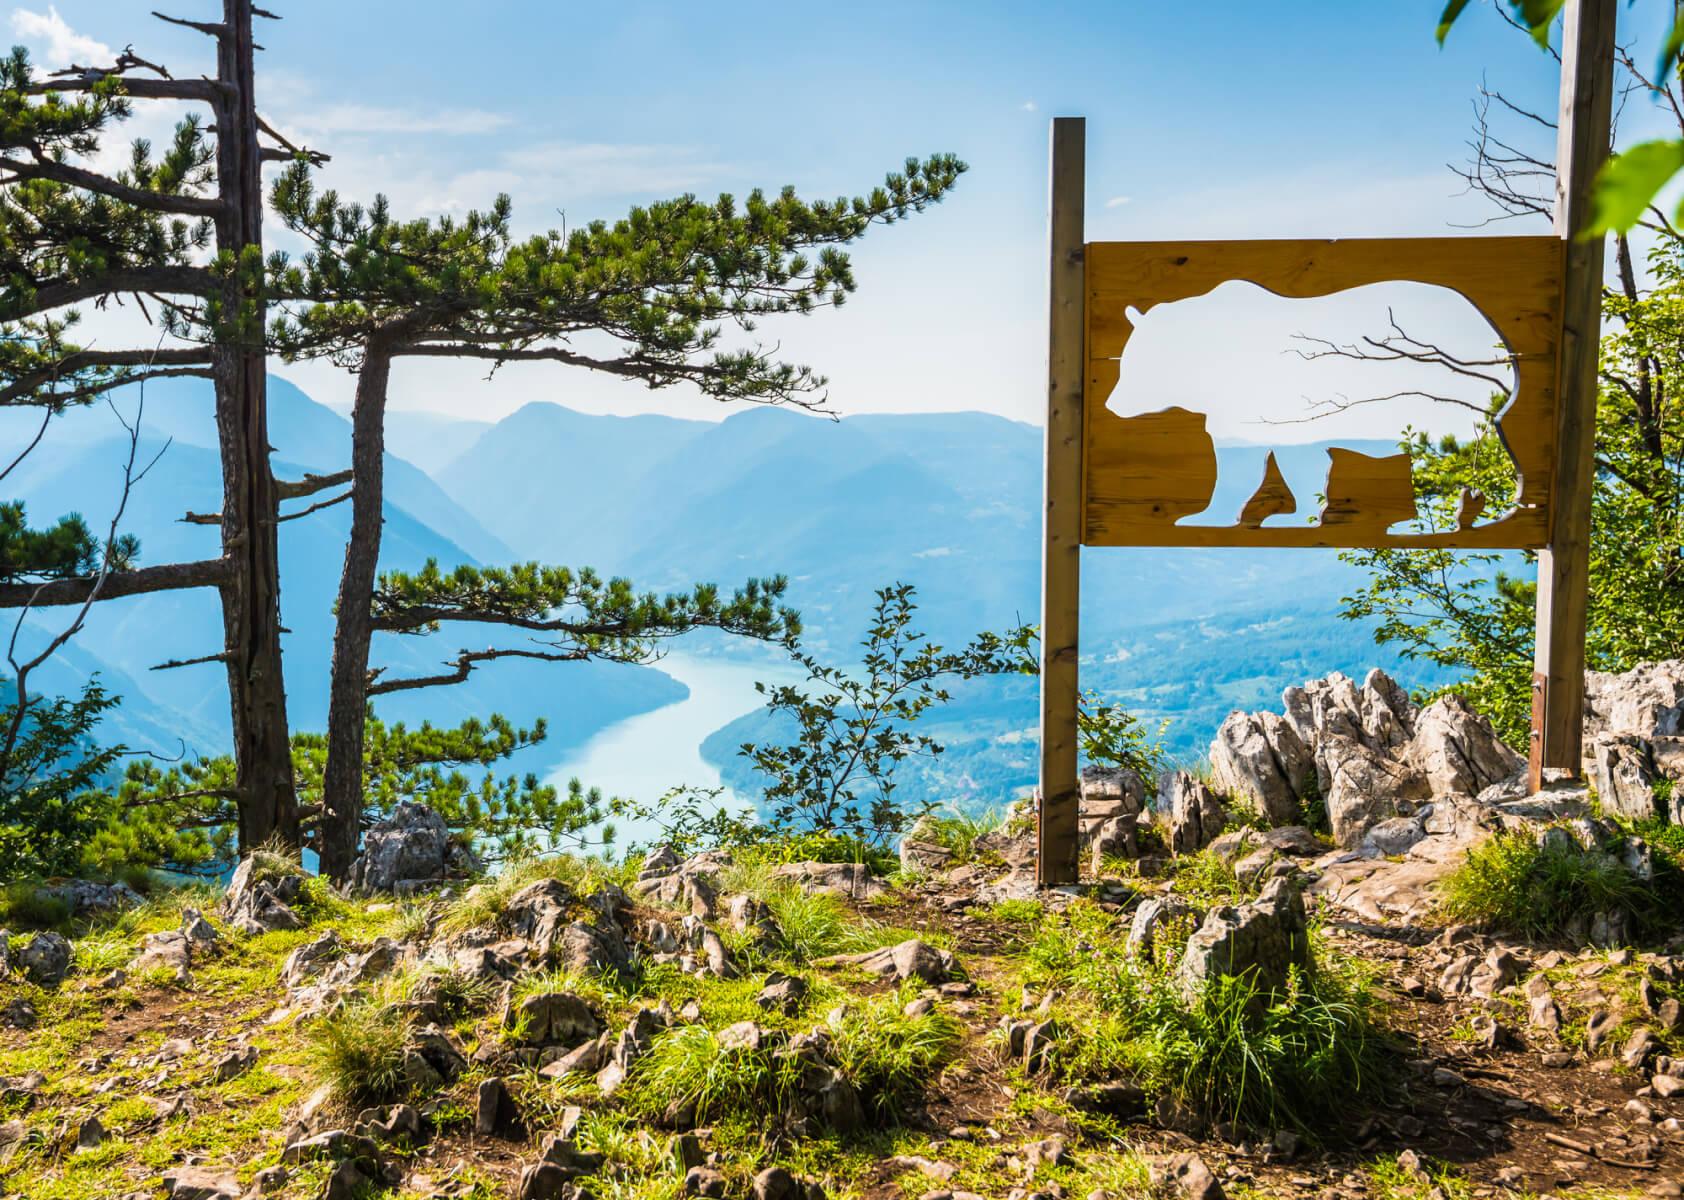 Raj u srbiji - tara nacionalni park